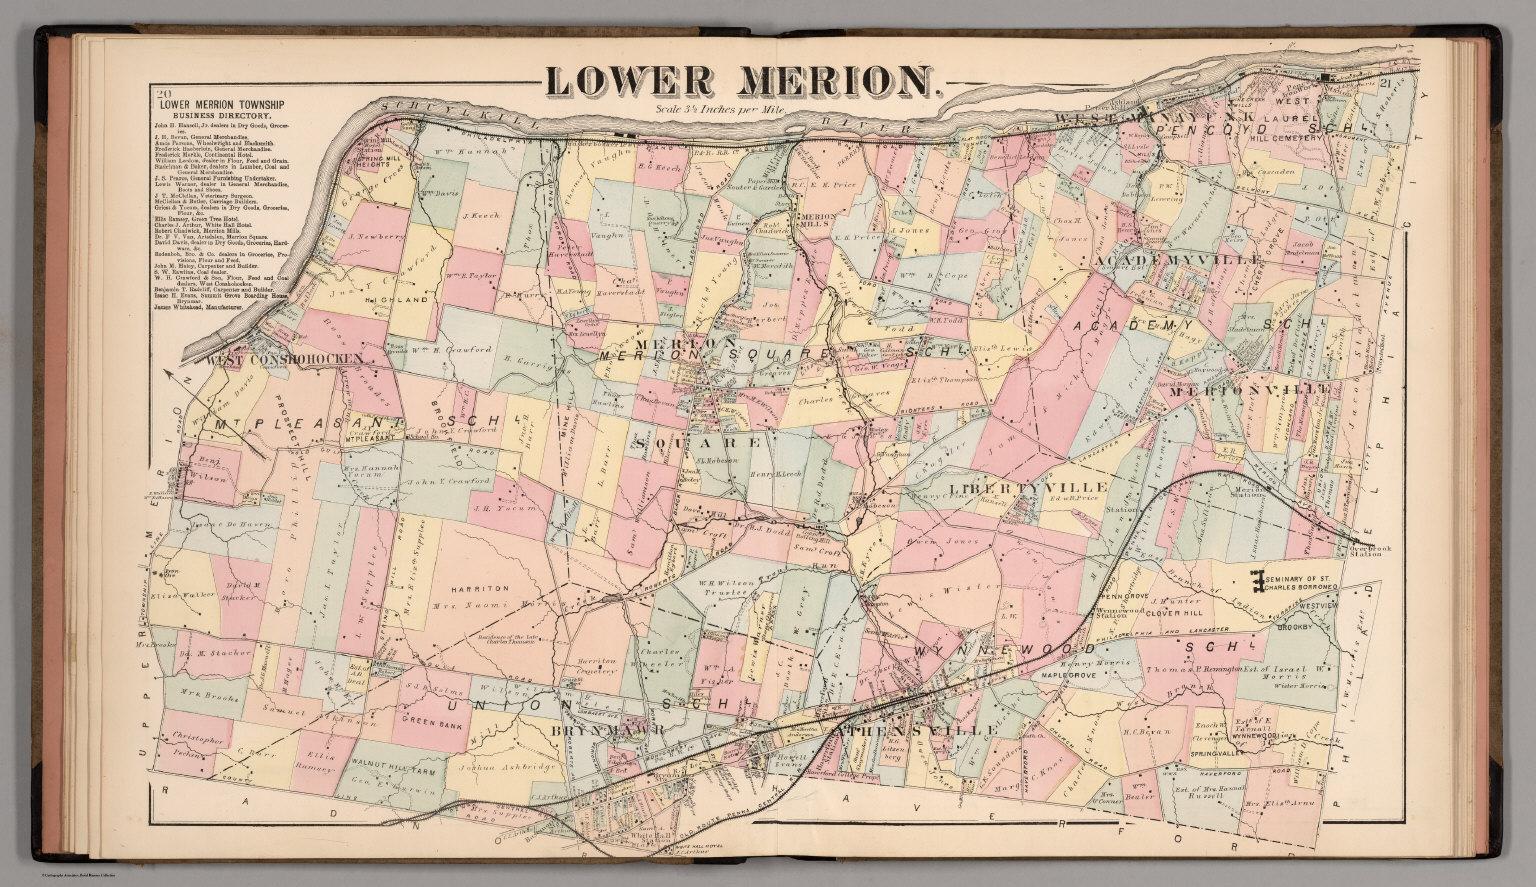 lower MErion map.jpg